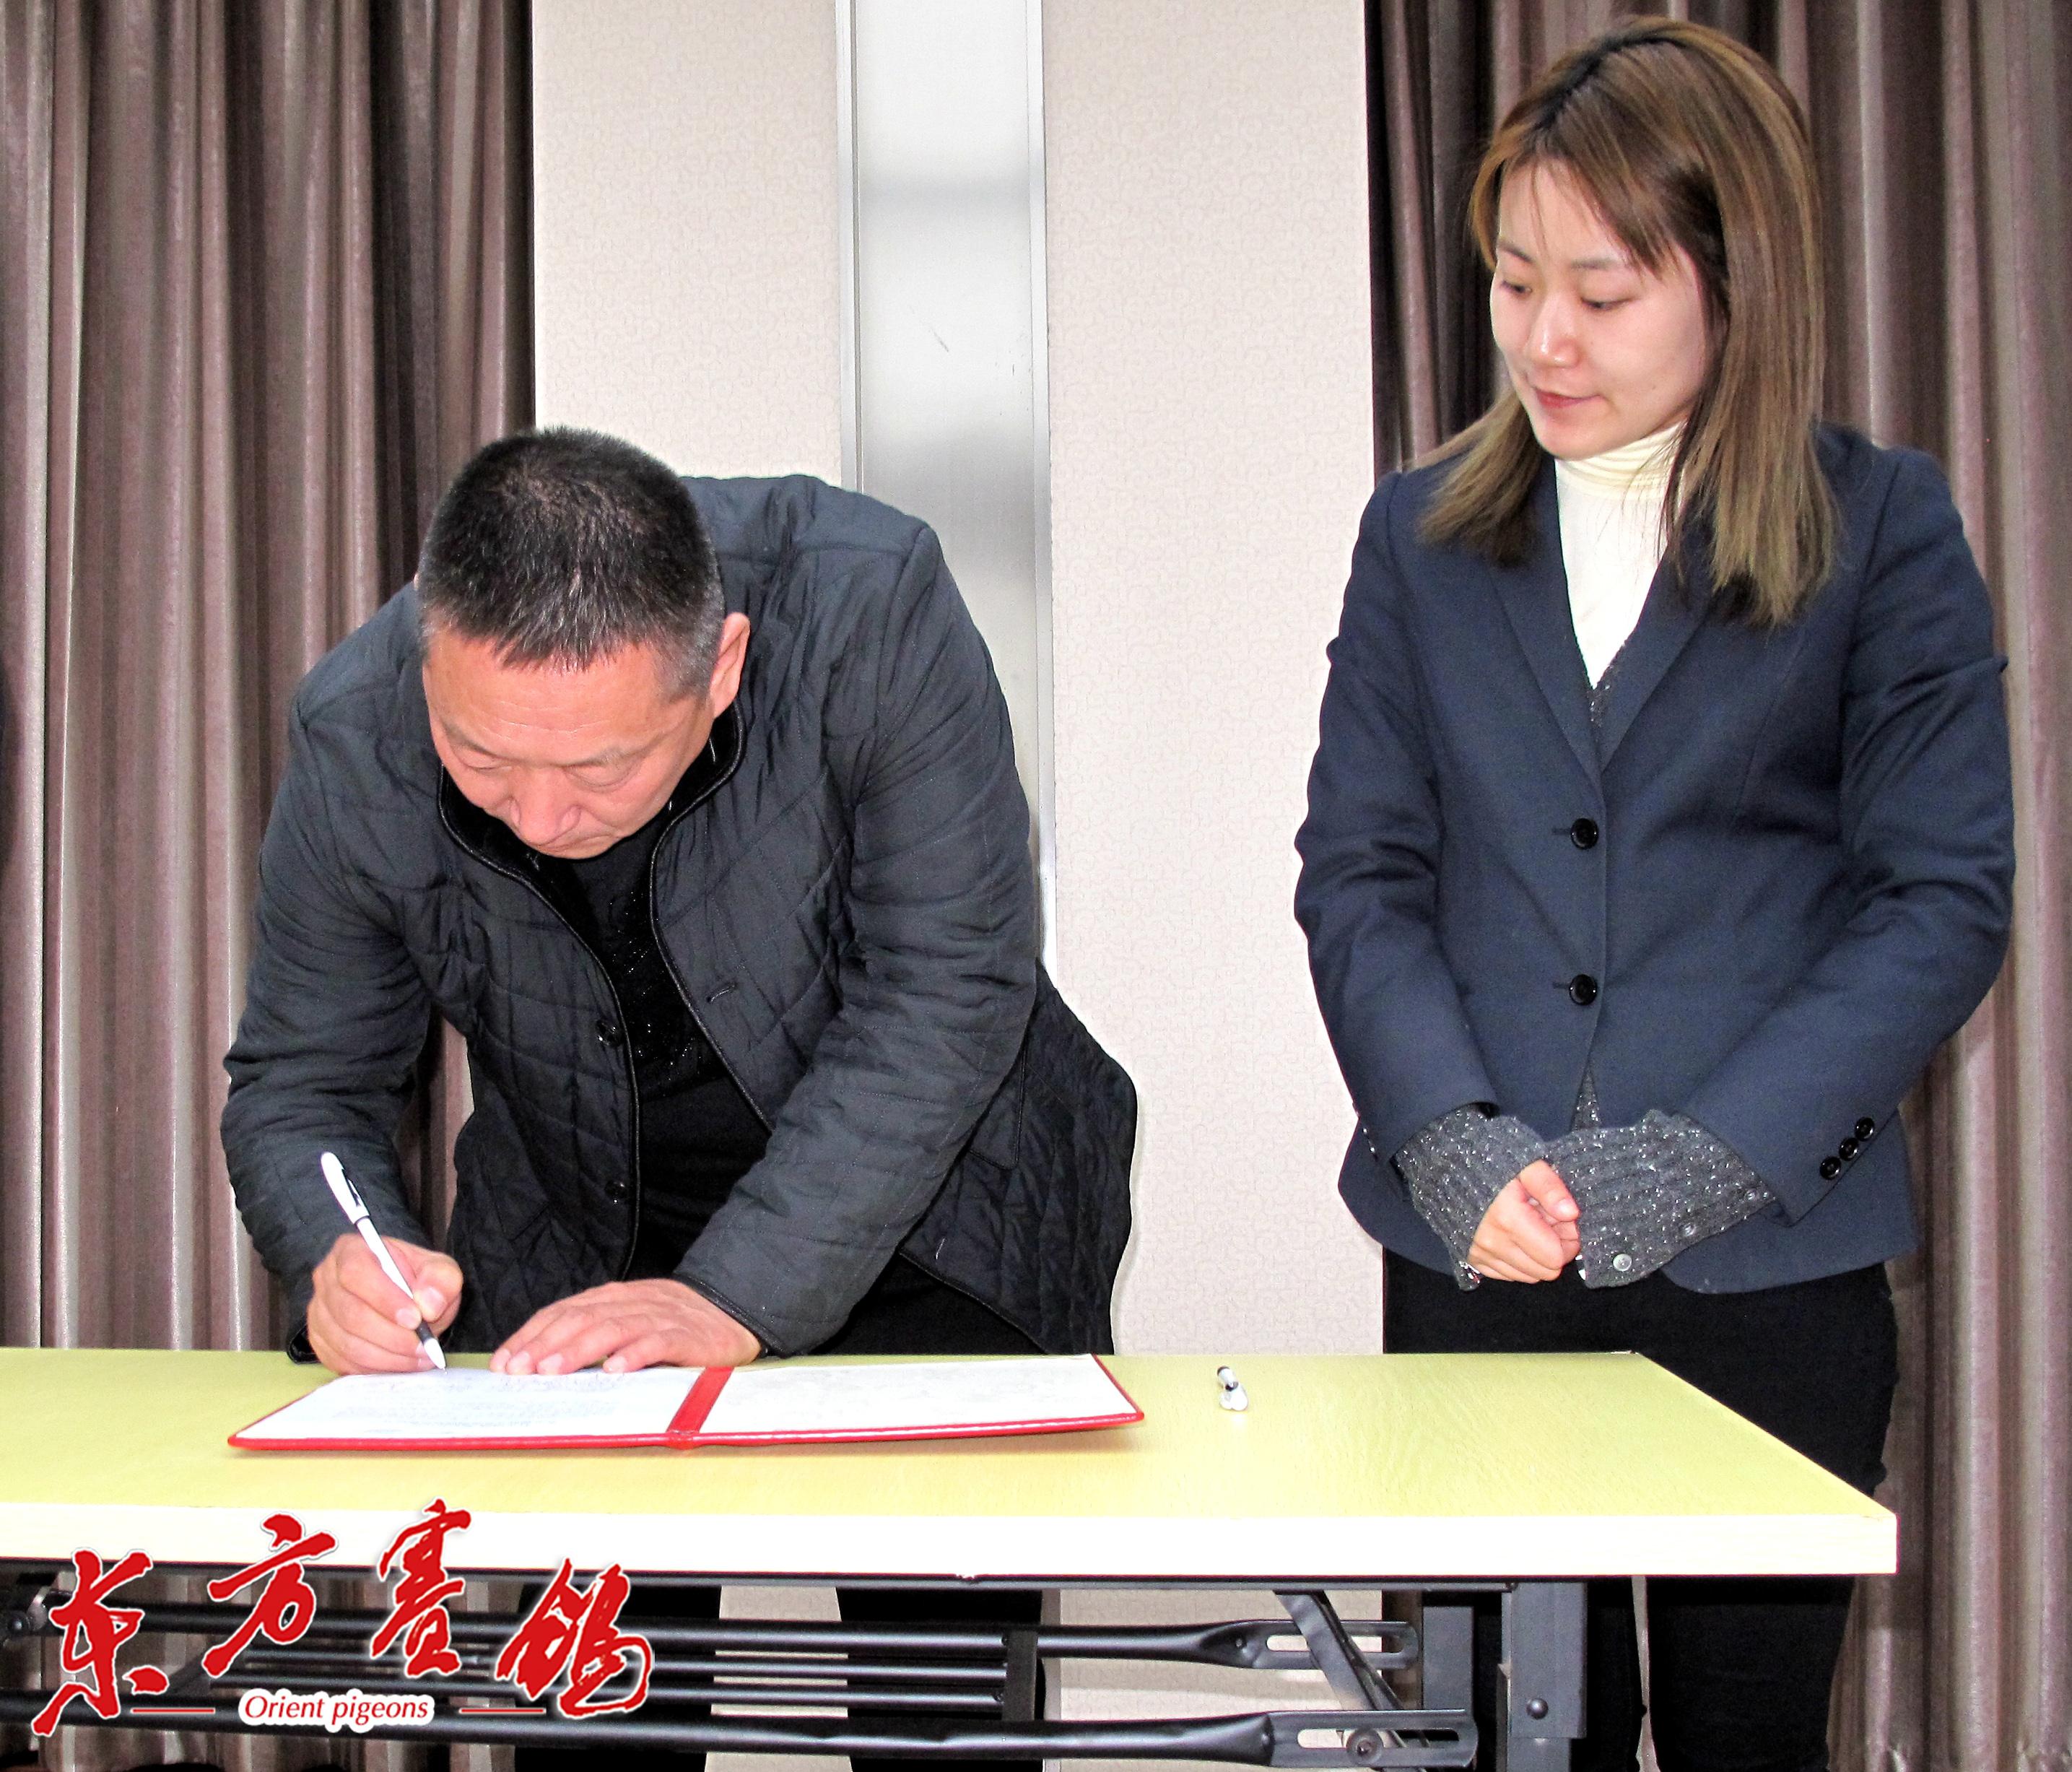 21、唐山市信鸽协会秘书长张建立在打击网鸽活动协议书上签字。